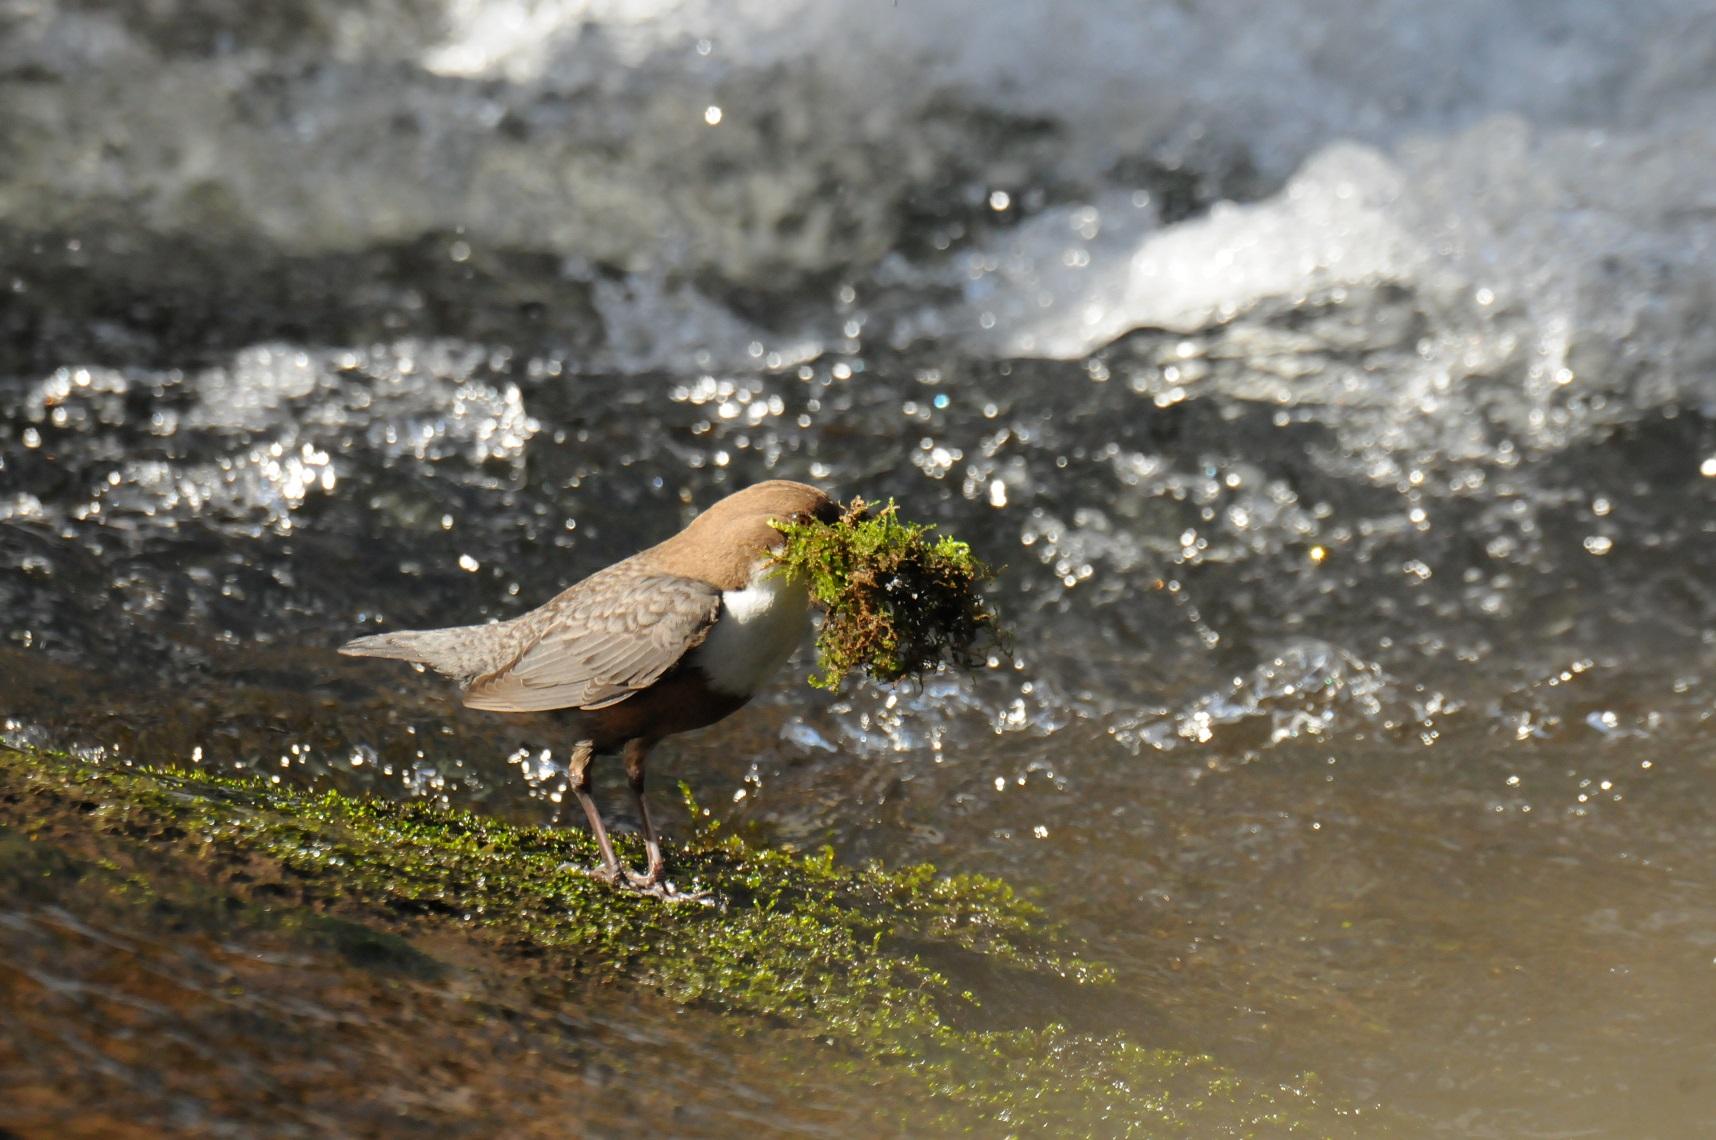 Sie sammelt Moos aus dem Wasser für ihr Nest.